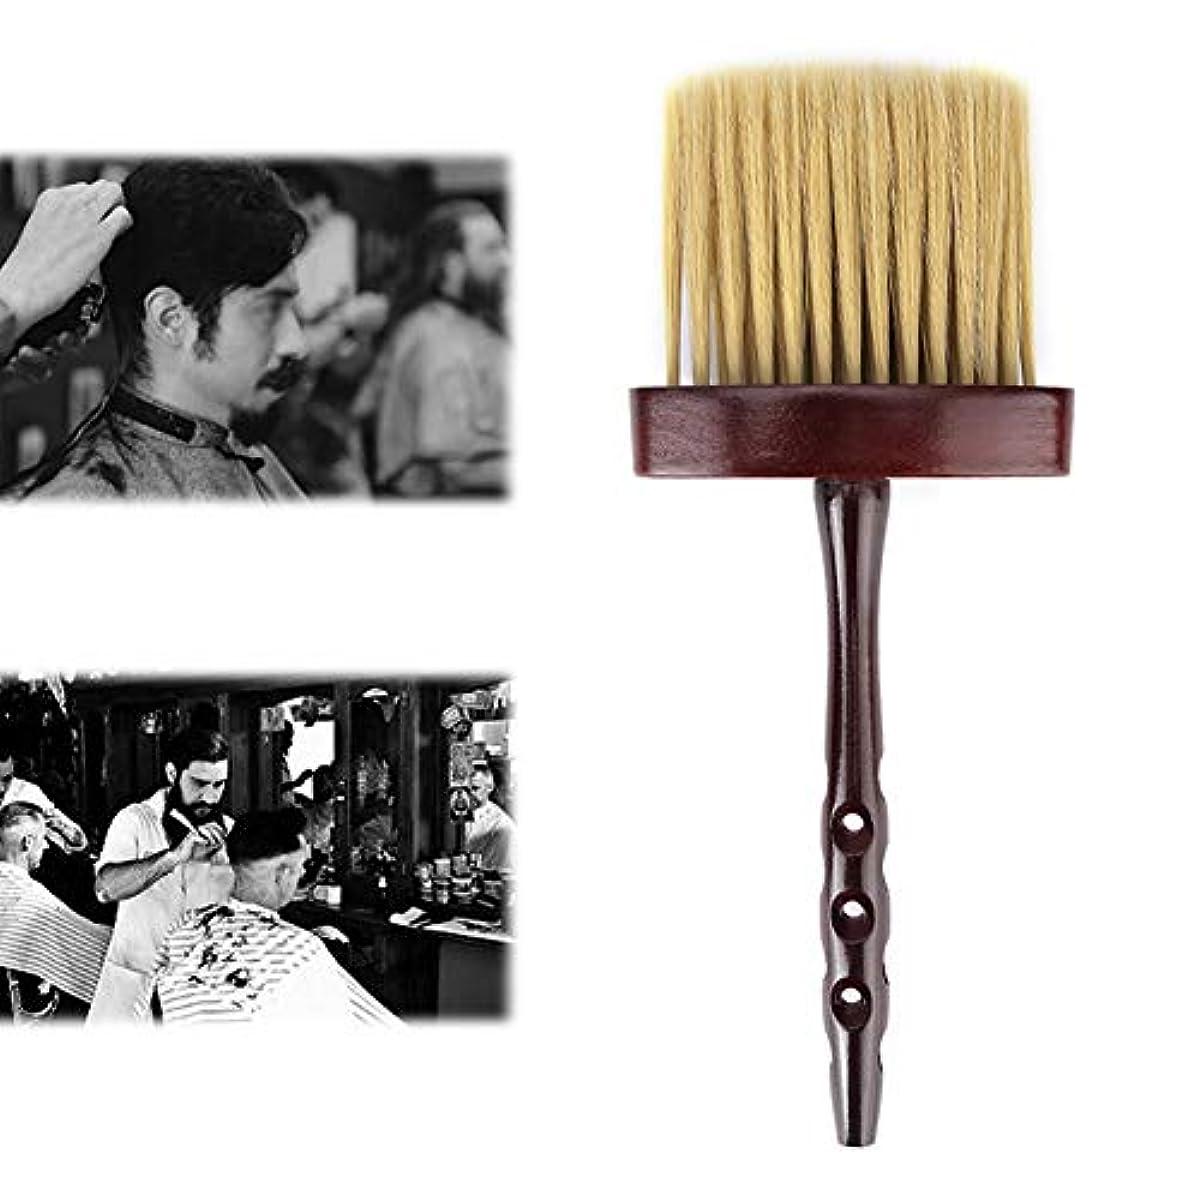 料理をする偽花火ヘアカットクリーニングブラシ FidgetFidget ネックフェイスダスターブラシサロンヘアクリーニングブラシヘアカット理髪スイープコーム